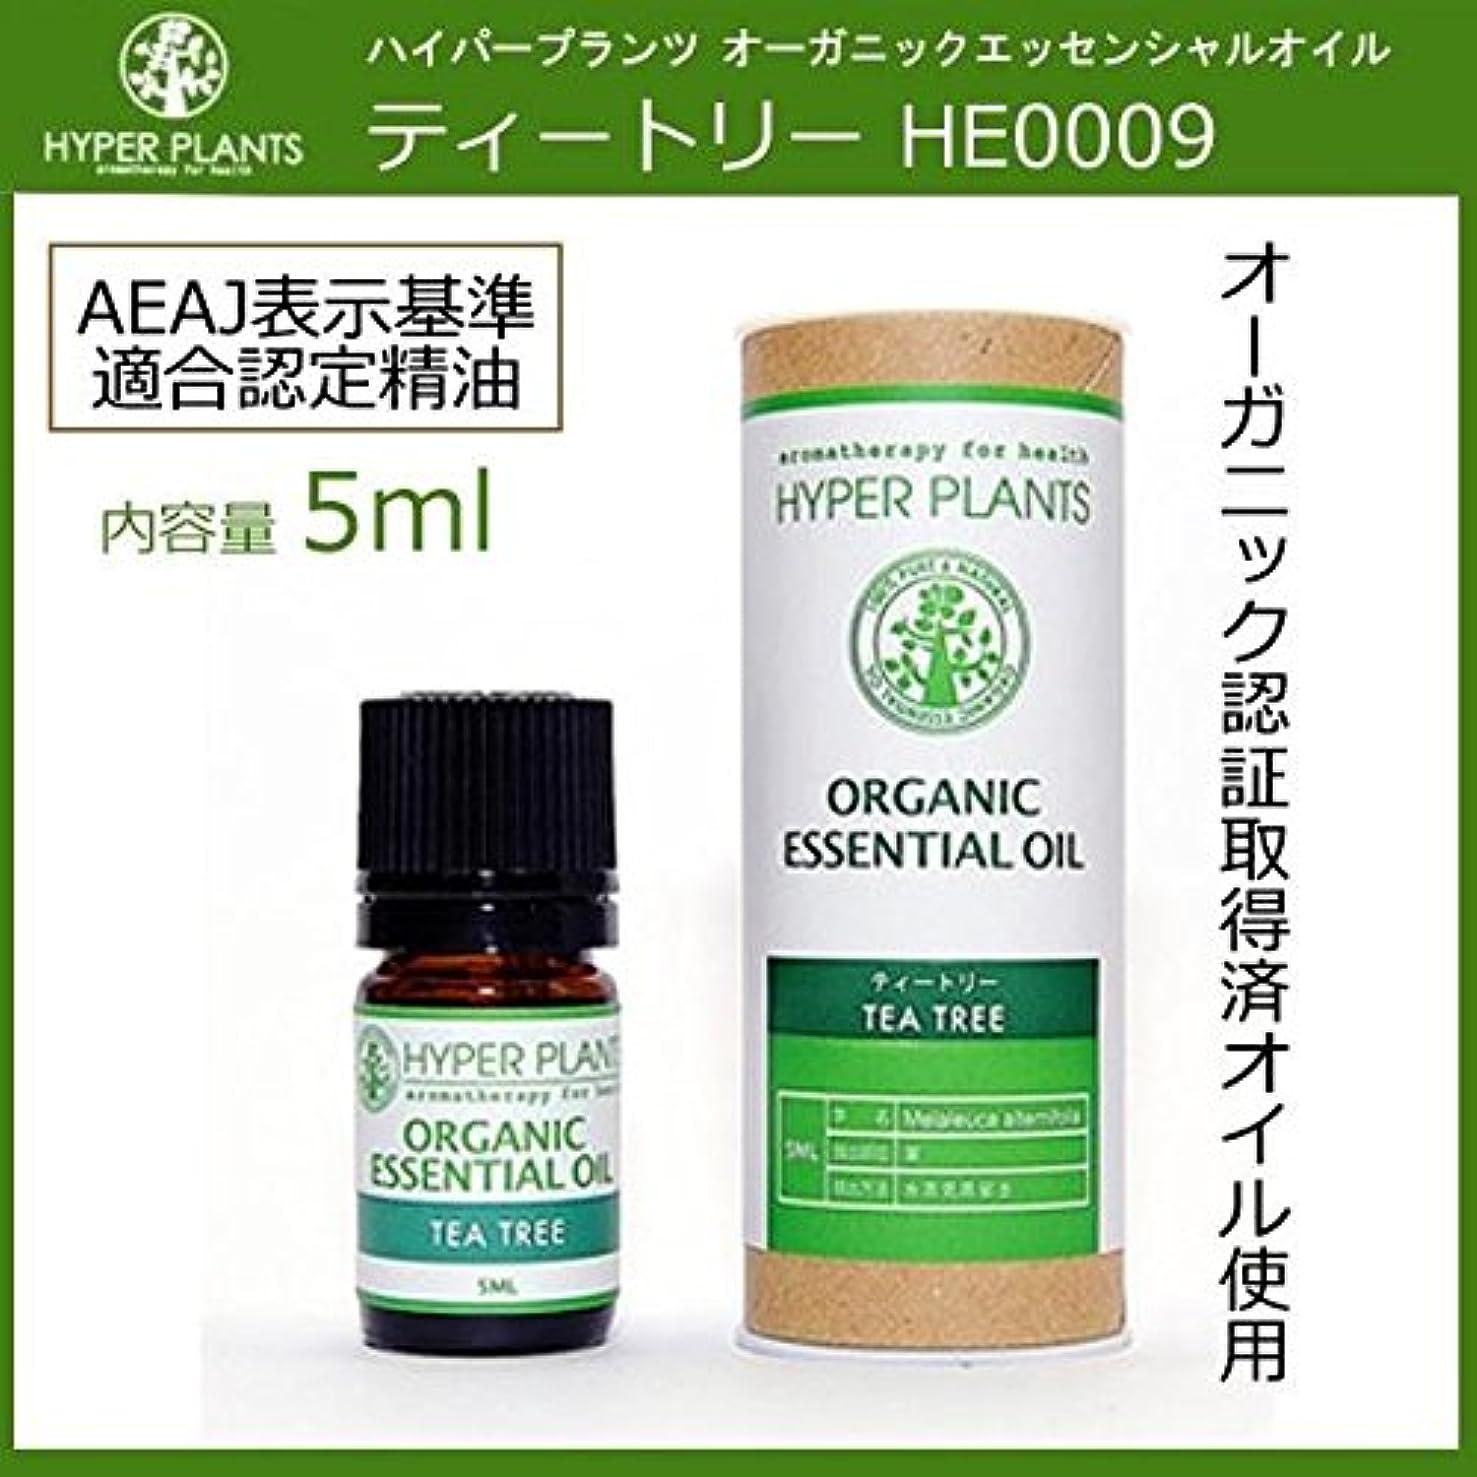 マニフェスト限りなく底HYPER PLANTS ハイパープランツ オーガニックエッセンシャルオイル ティートリー 5ml HE0009